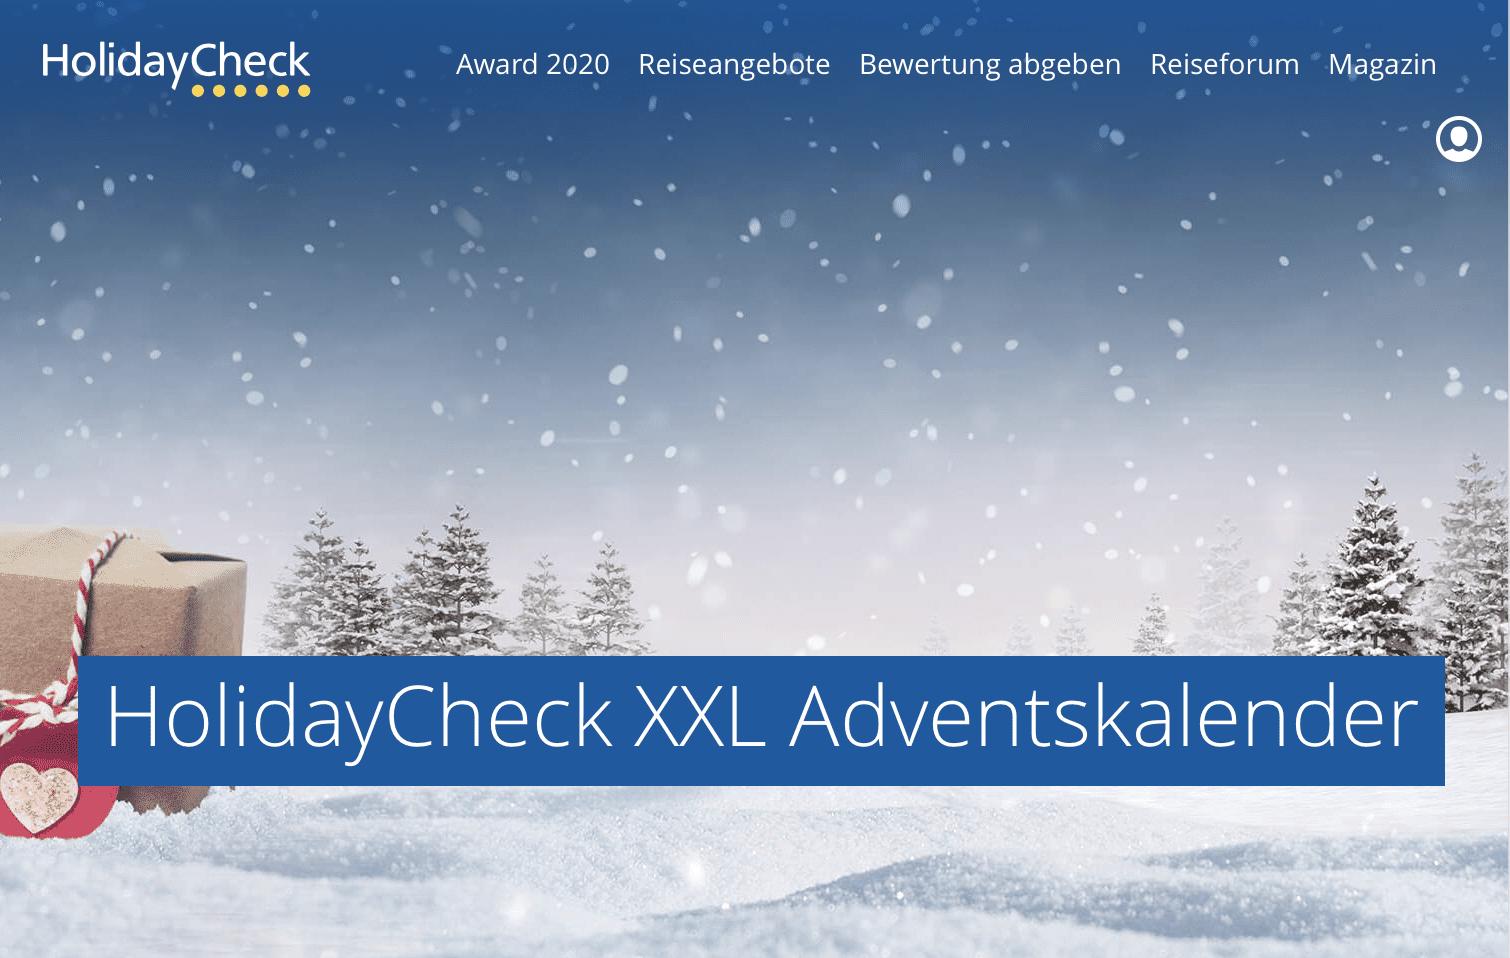 HolidayCheck Cases Adventskalender-Gewinnspiel